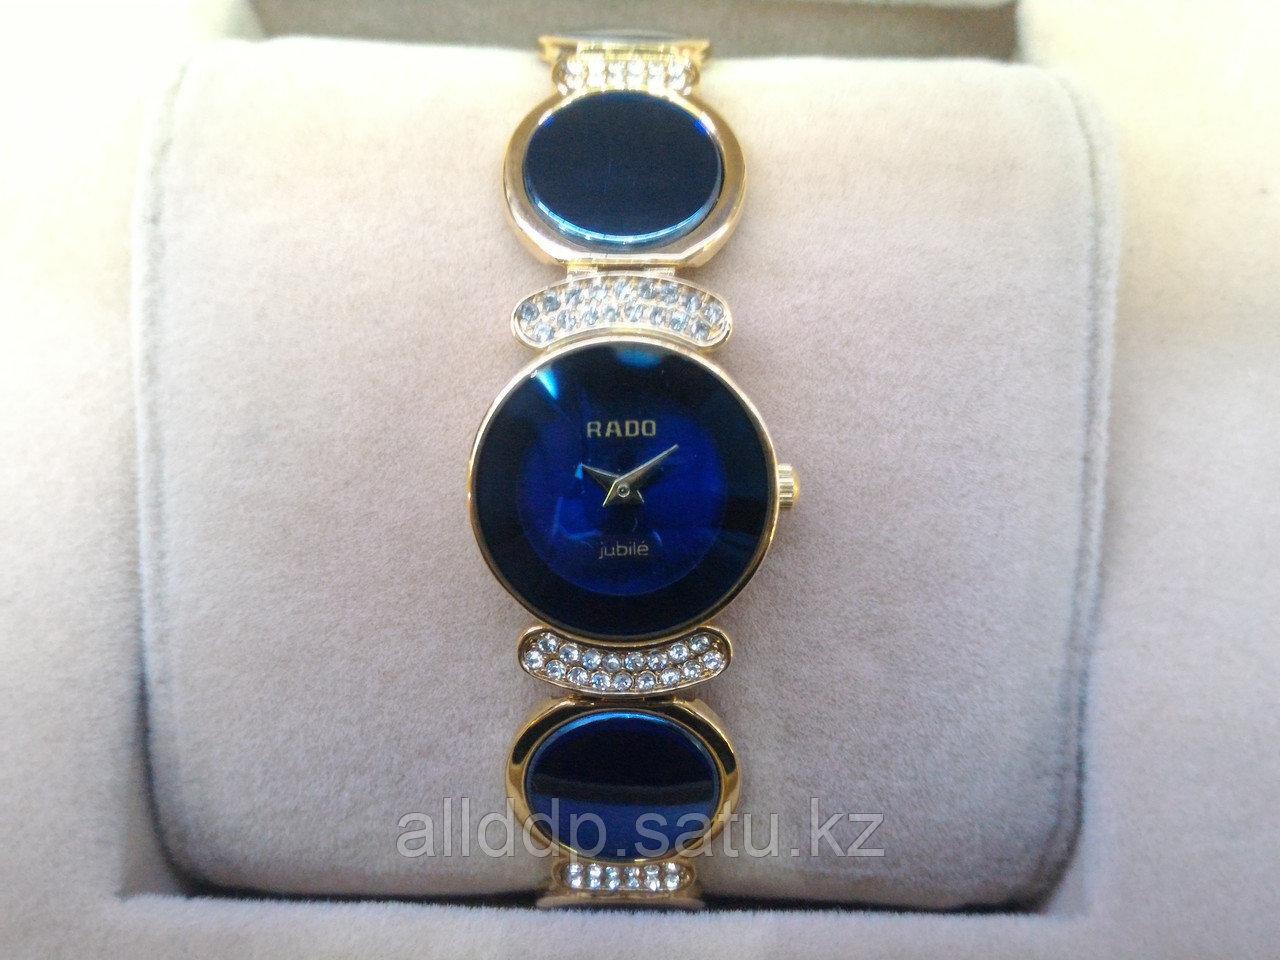 Часы женские Rado 0110-1